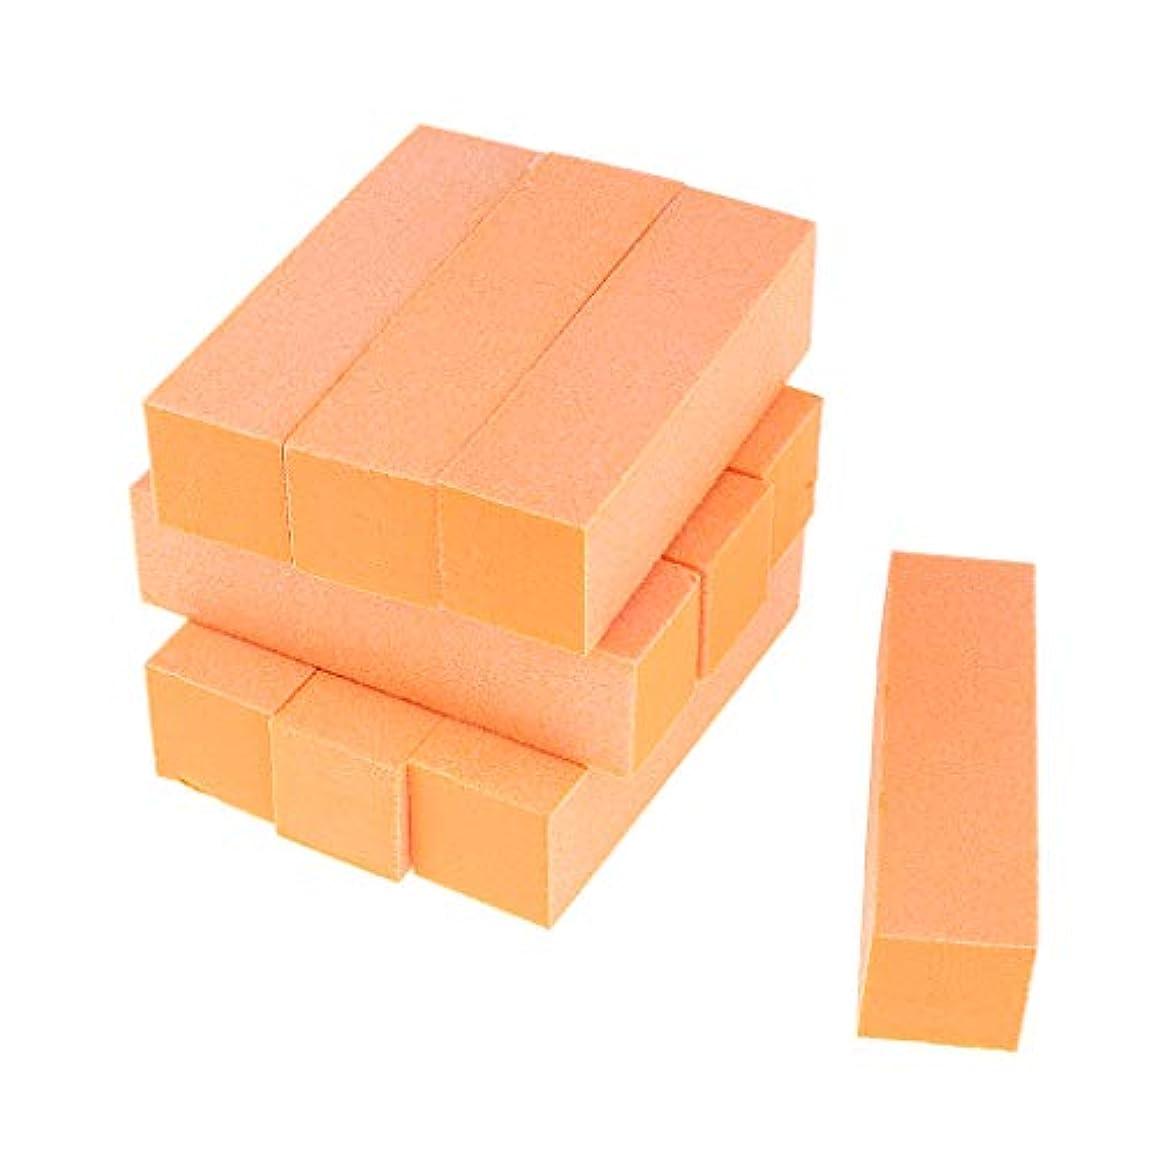 の頭の上汚す挽くToygogo 両面ネイルバッファーネイルシャイナースポンジネイルファイルサンディングブロック-ソフト&シルキー、10個-作成された滑らかで美しいネイル - オレンジ